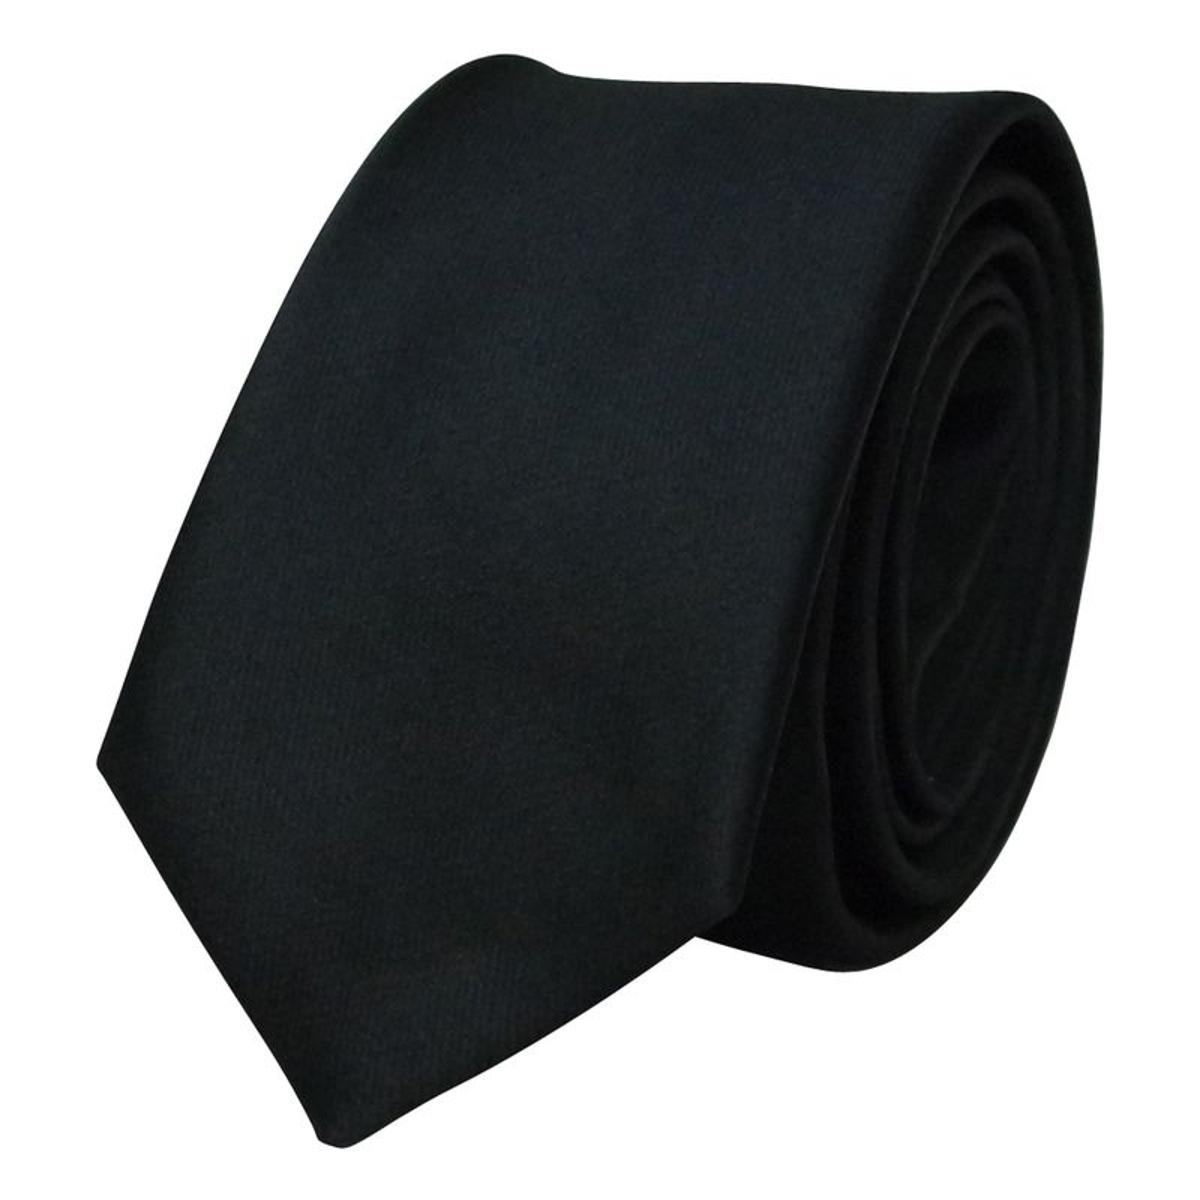 Cravate soie e